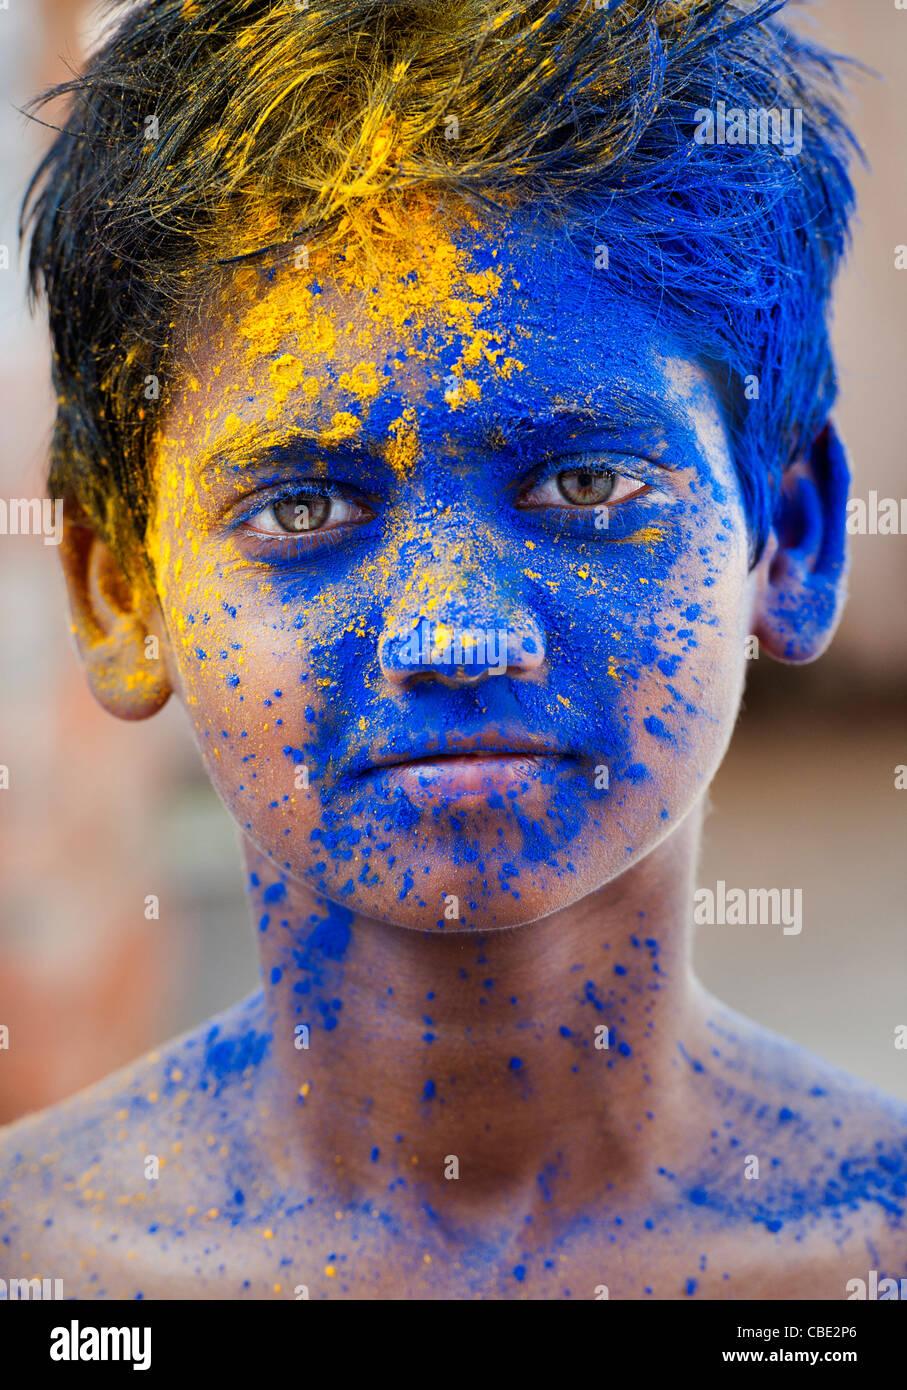 Jeune Indien garçon couvert de pigments en poudre de couleur Photo Stock